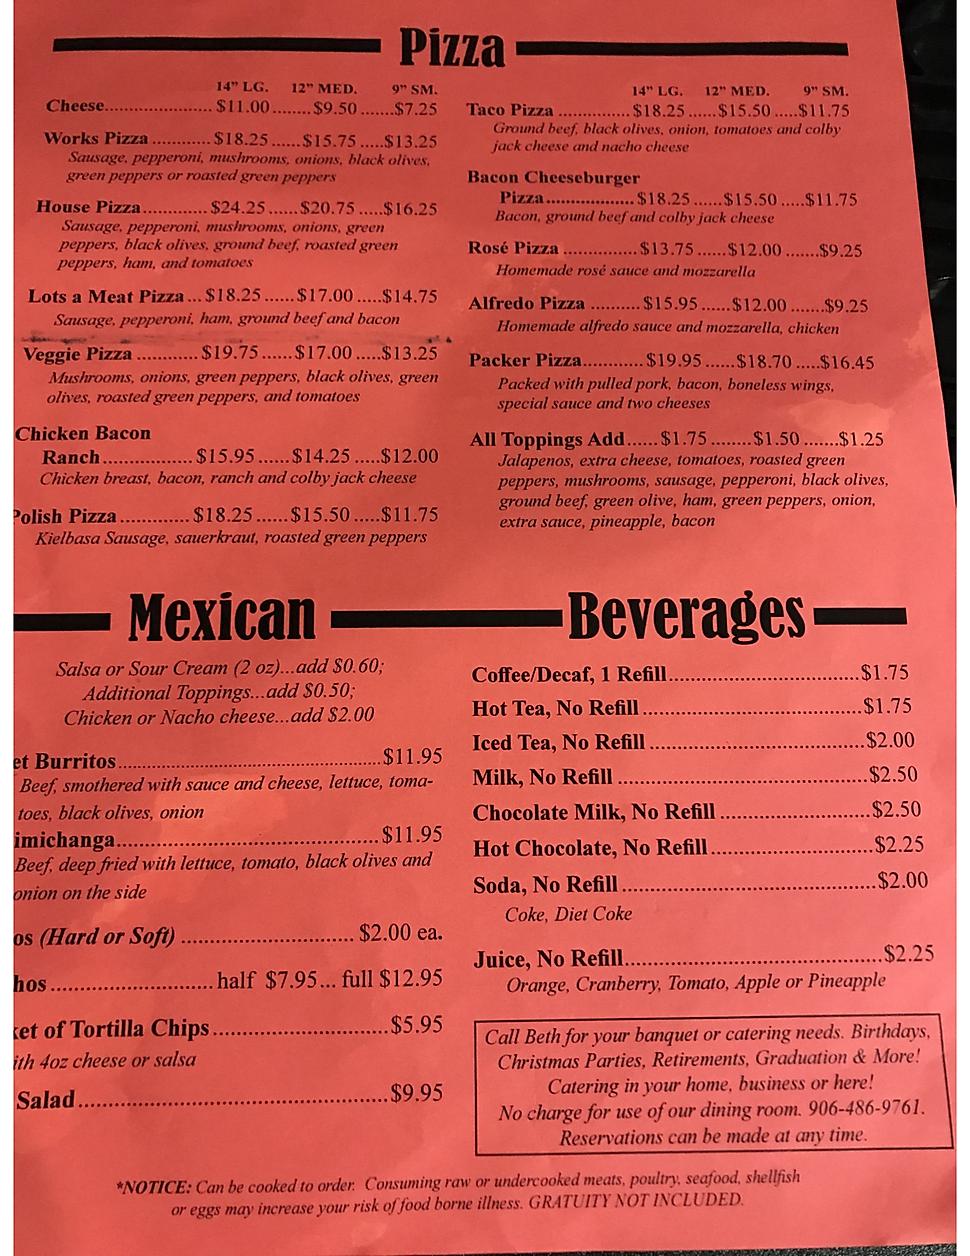 Venice Pub pizza pizzeria restaurant menu list hours location deals Marquette Now